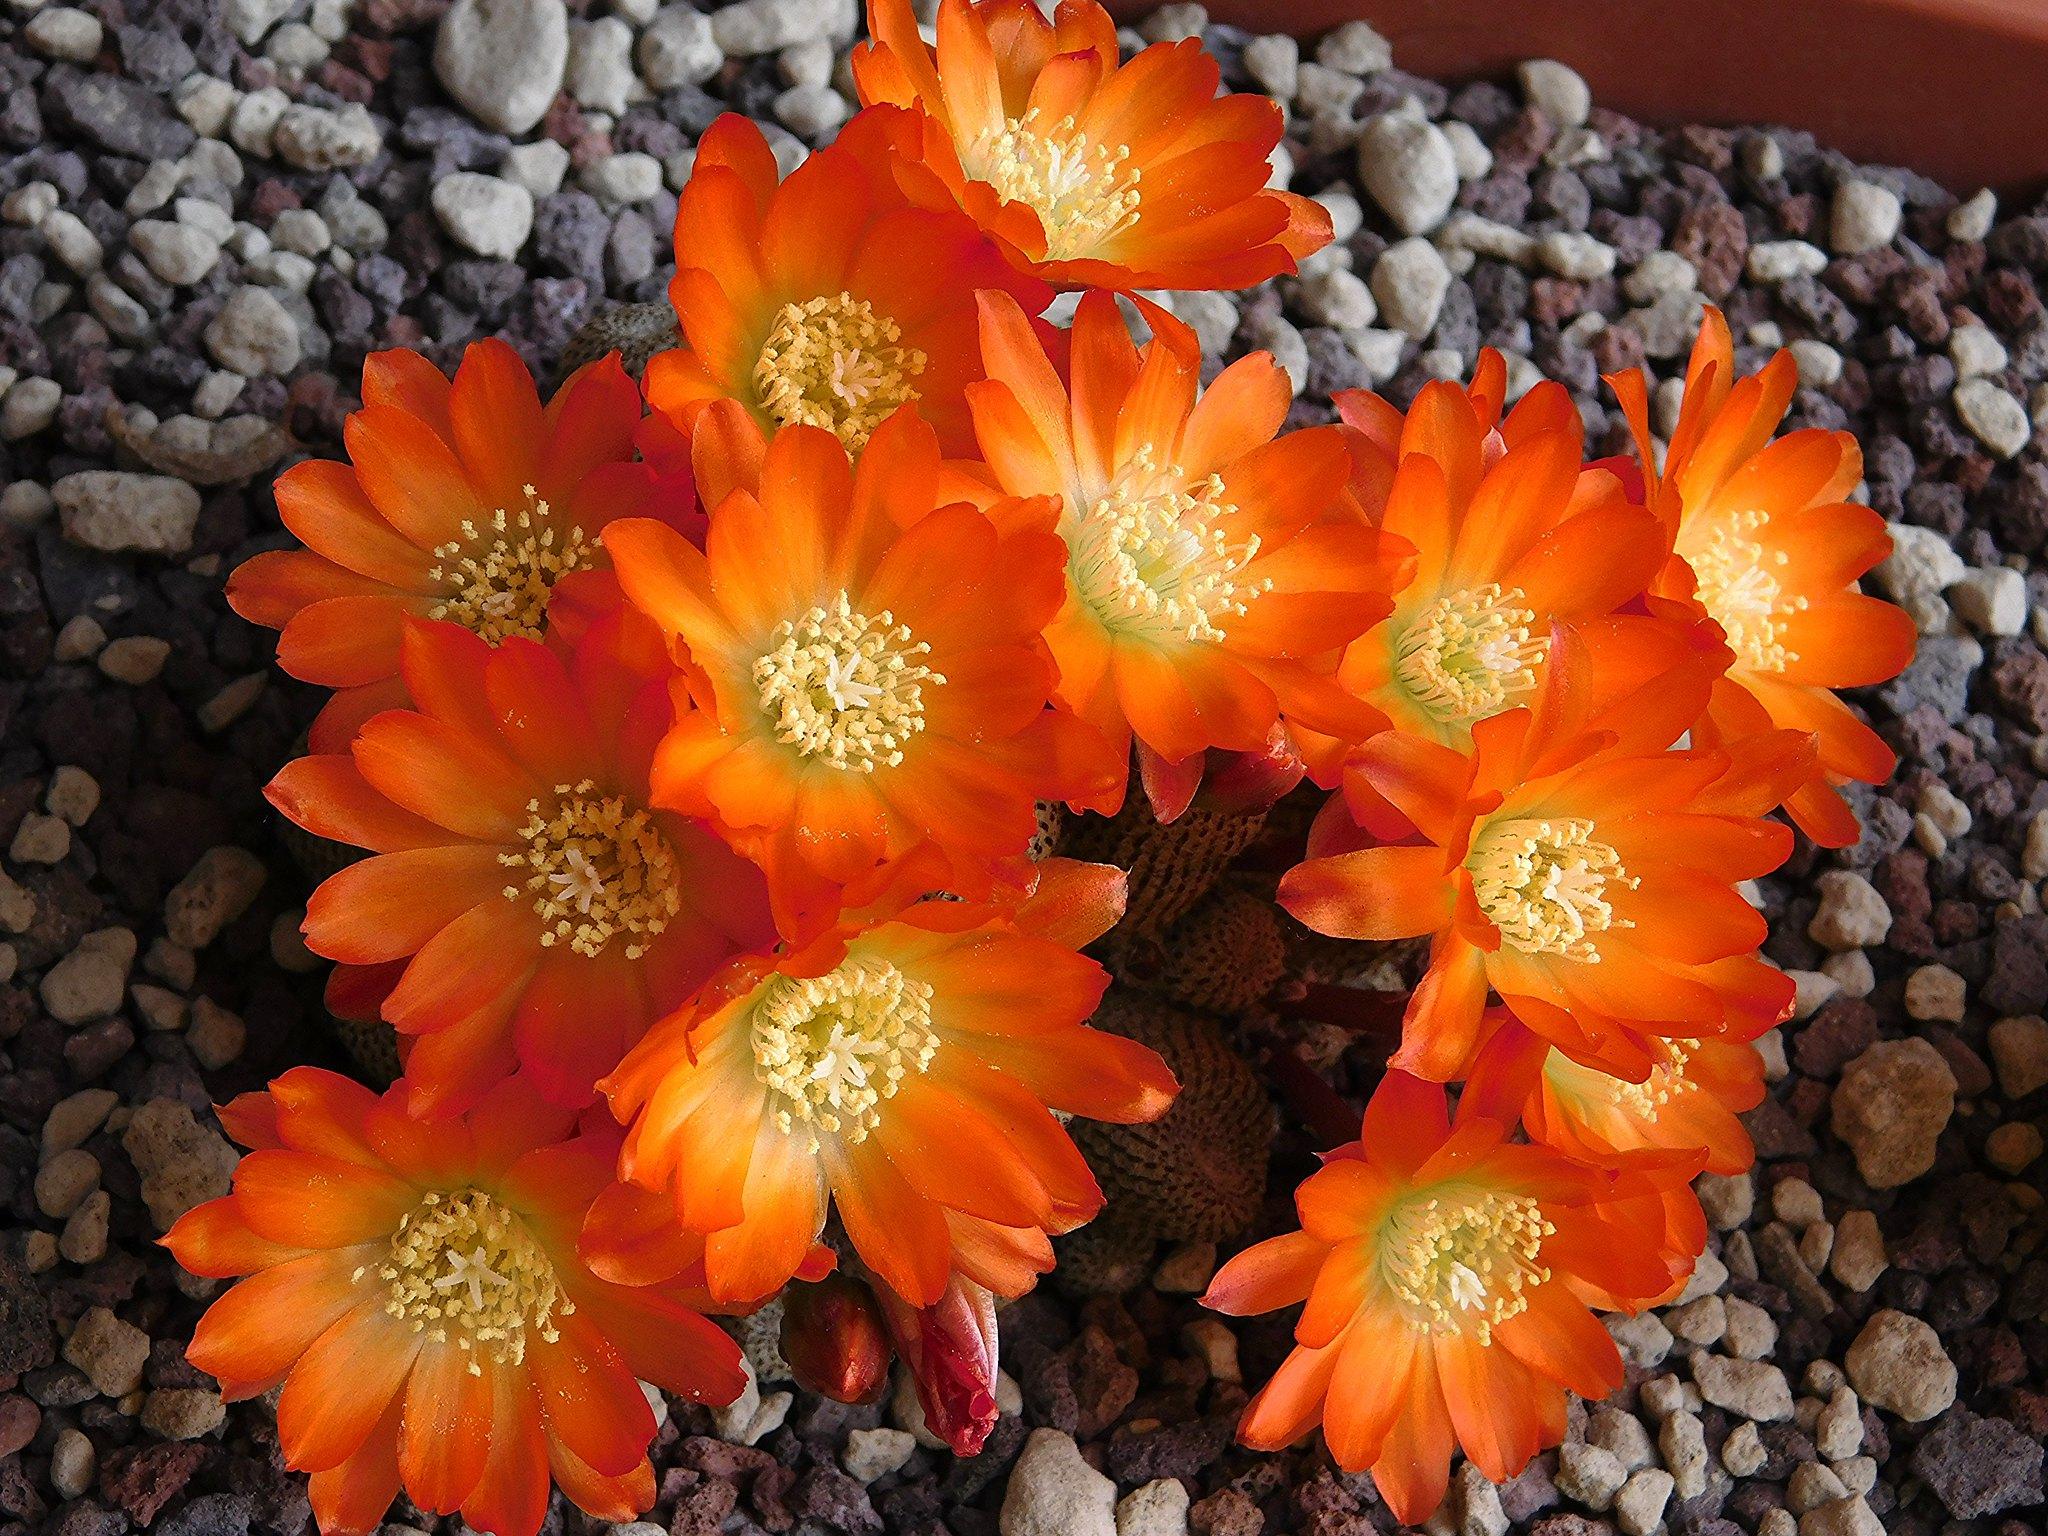 La Rebutia heliosa es un cactus que produce flores naranjas